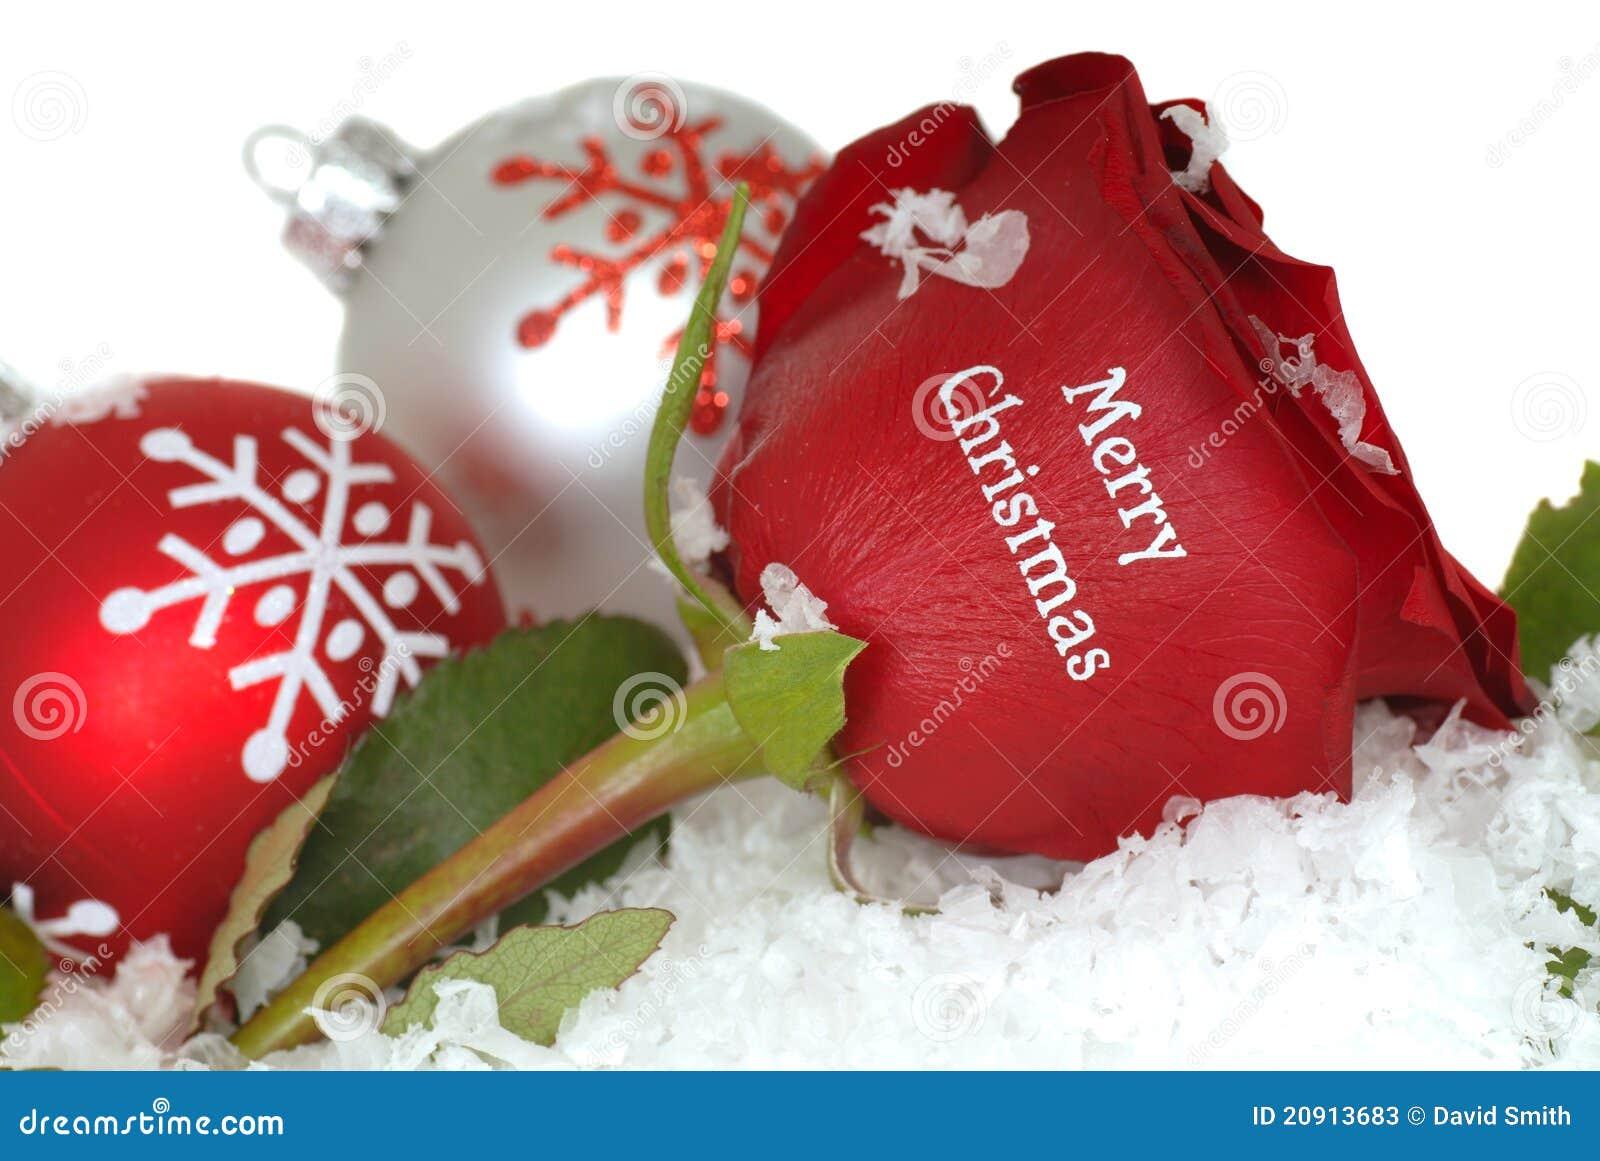 Rote Rose, Die Frohe Weihnachten Auf Ihr Sagt Stockbild - Bild von ...